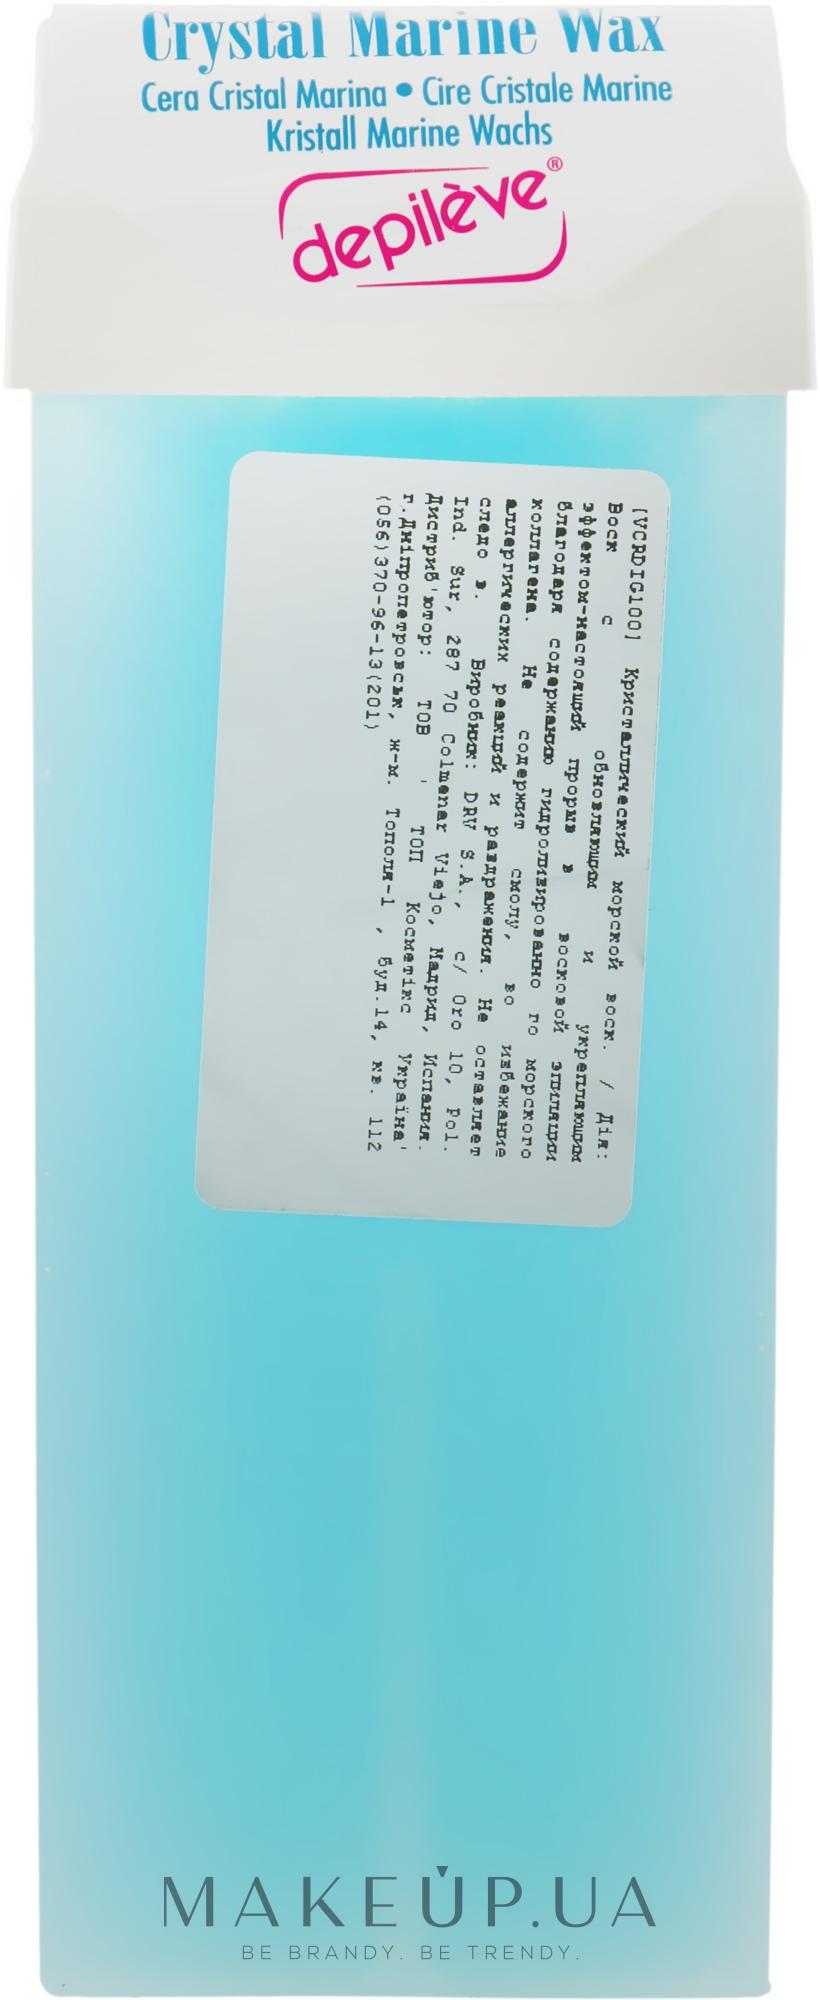 Кристалічний морський віск у касеті - Depileve Універсальний Roll-on Wax — фото 100ml